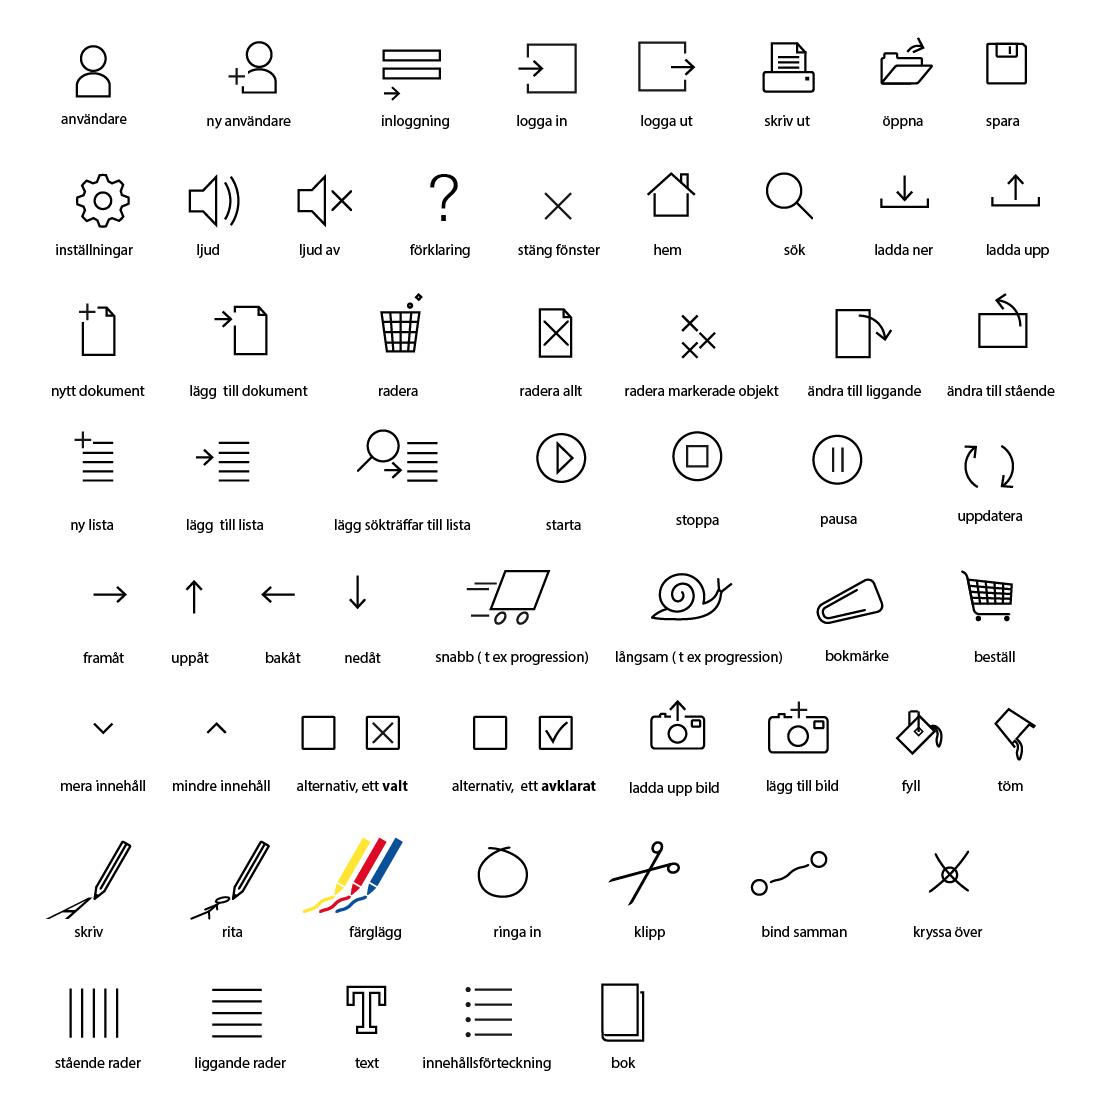 iphone ikoner